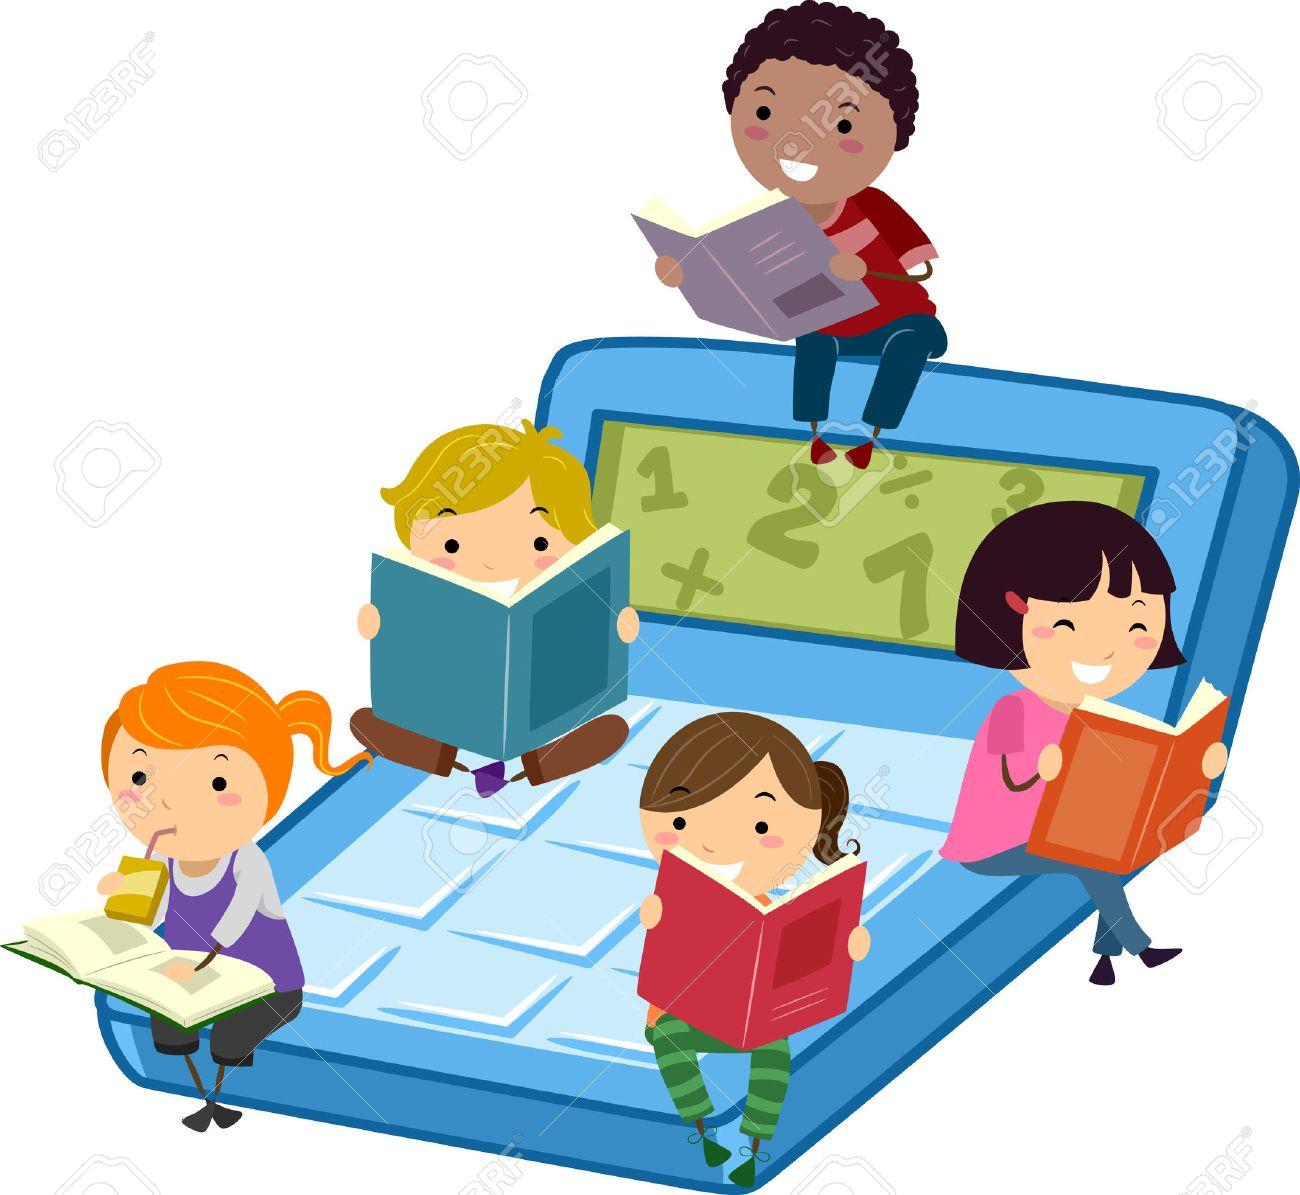 worksheet Math And Reading Benaffleckweb Worksheets for – Carson-dellosa Worksheets